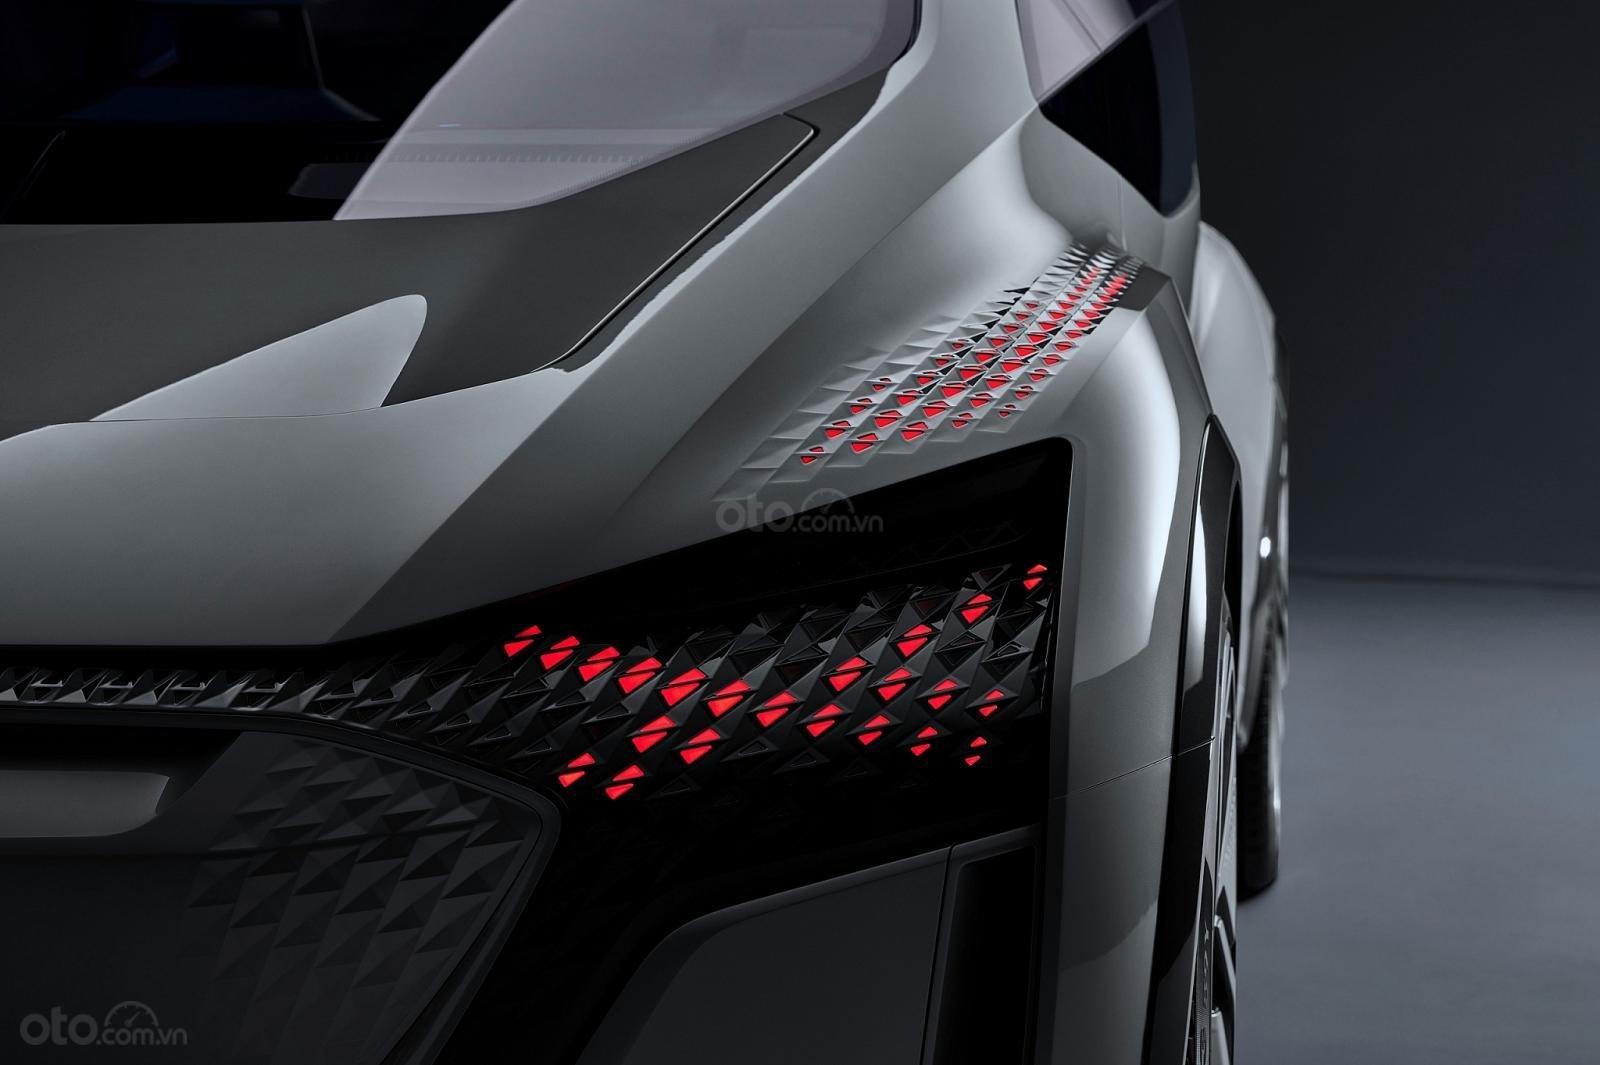 Audi giới thiệu đèn OLED kỹ thuật số phiên bản mới